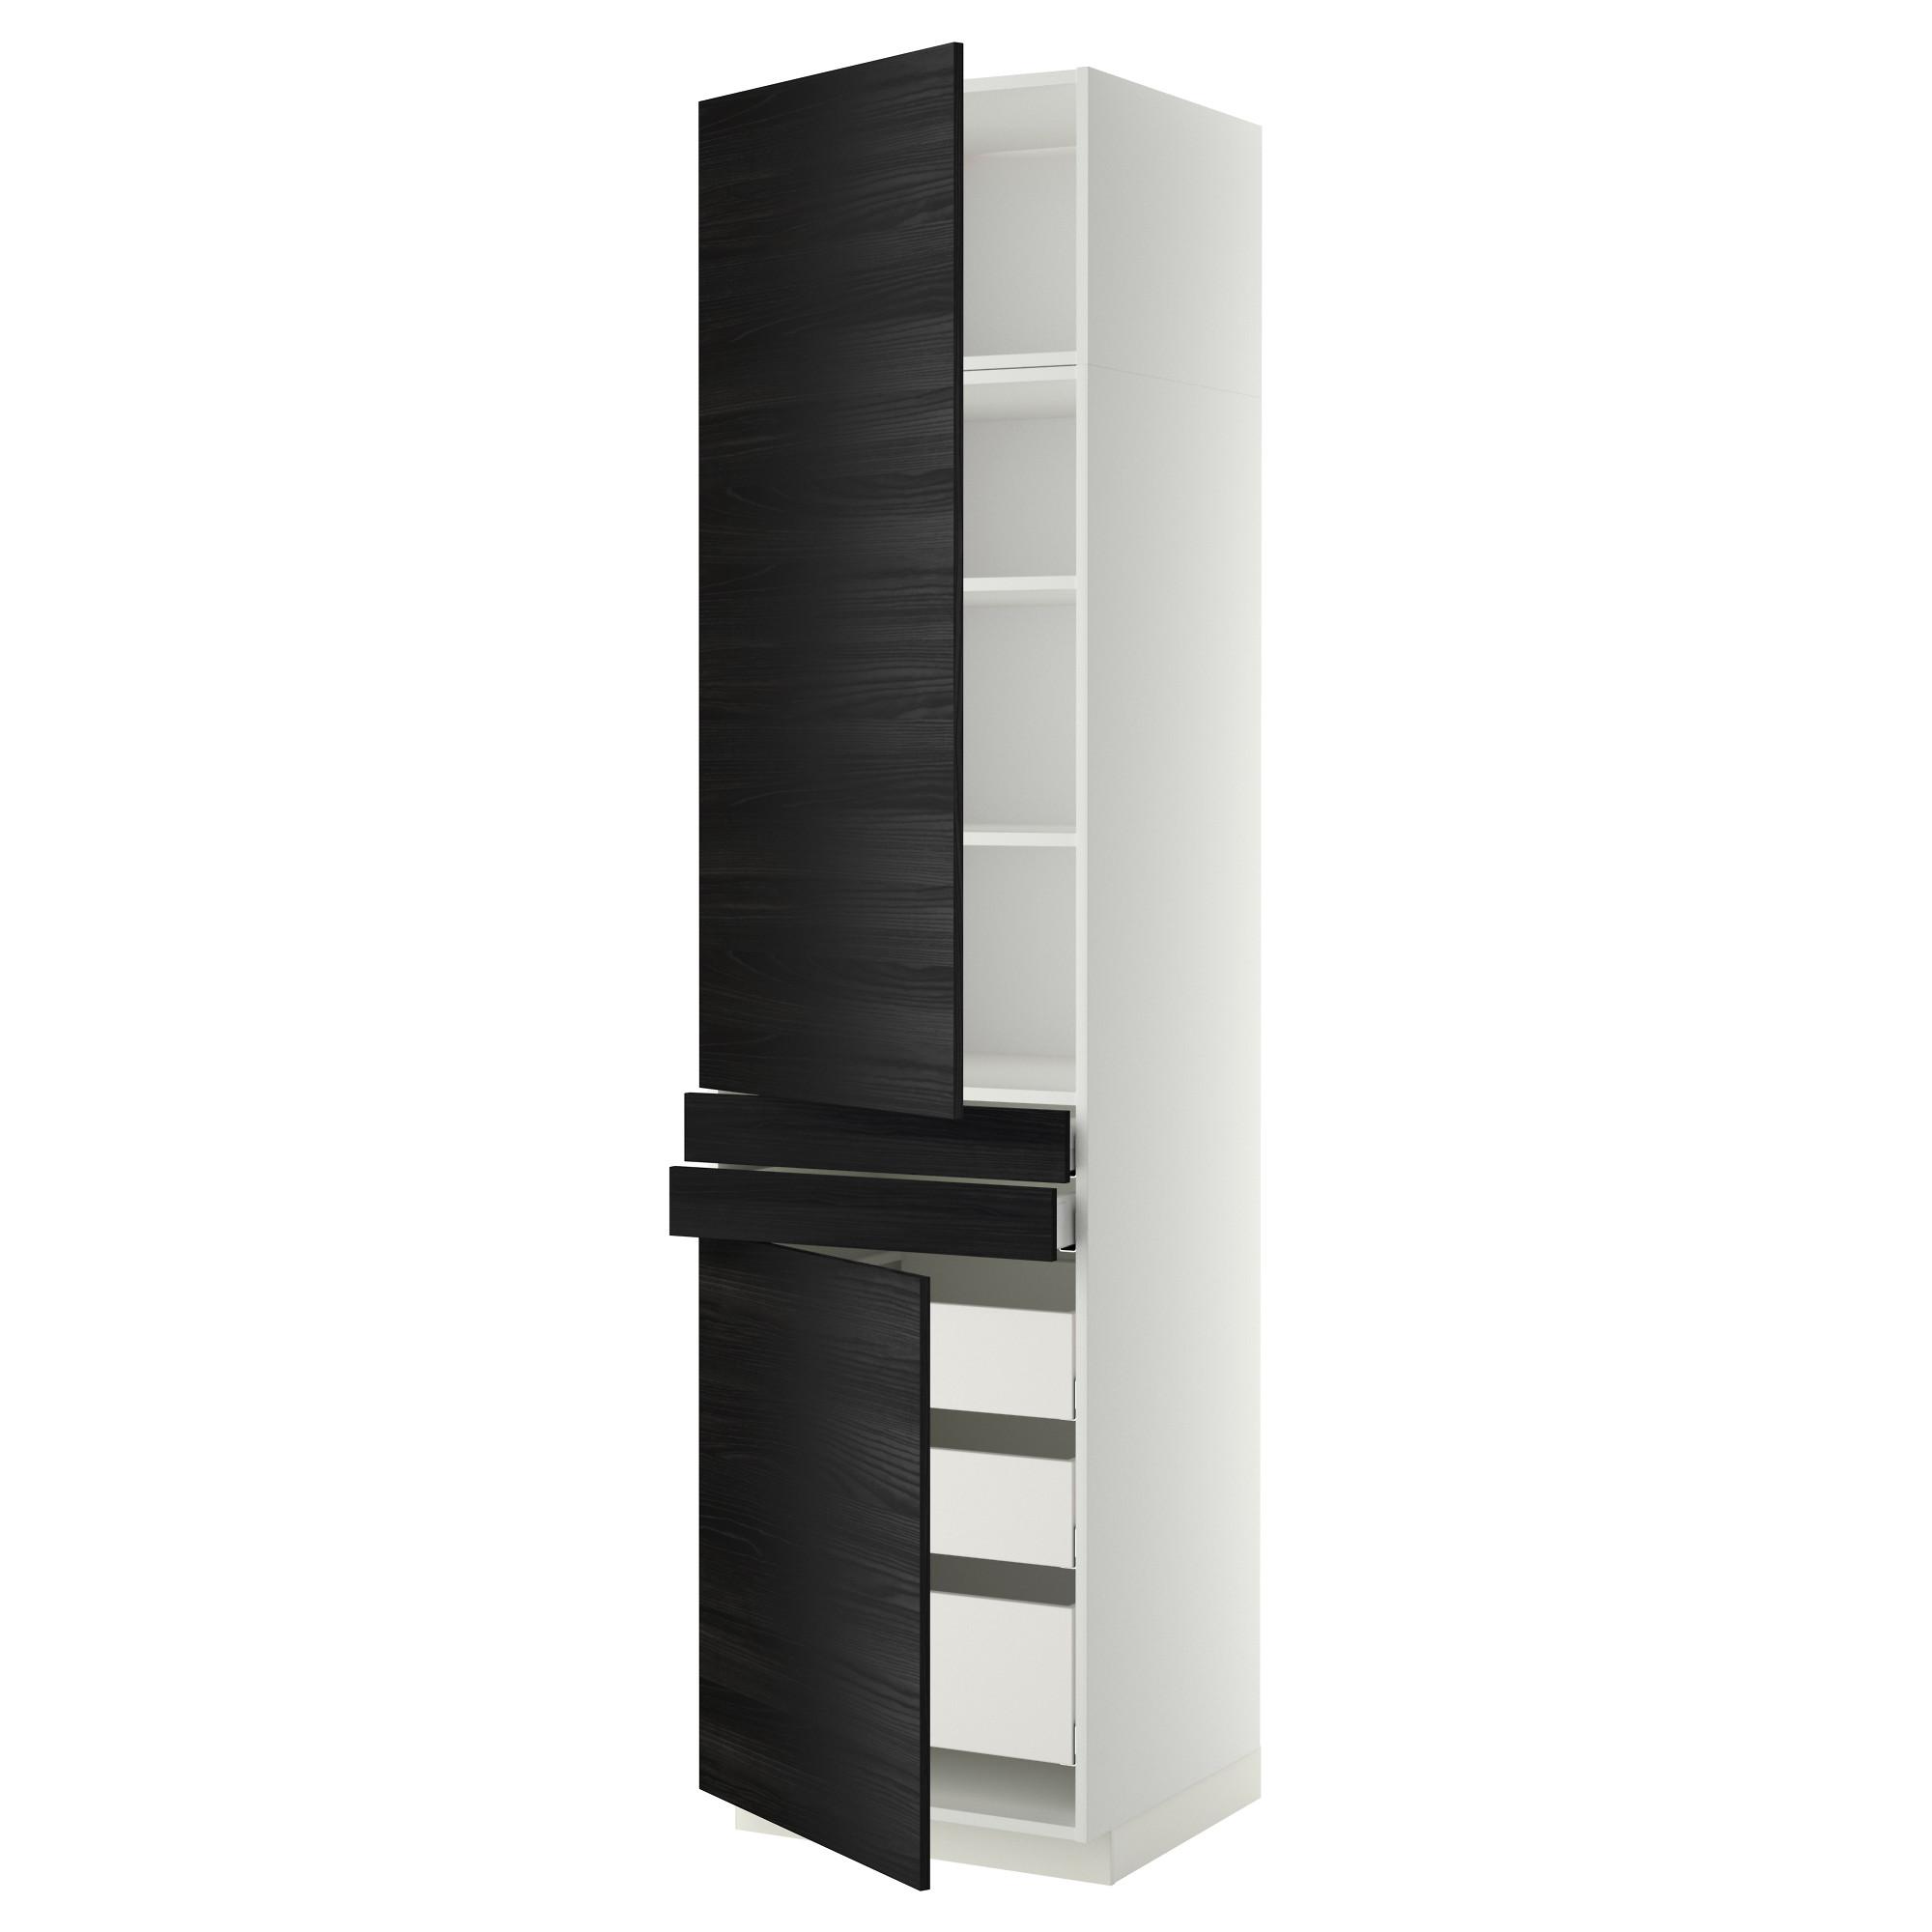 Высокий шкаф + полки, 5 ящиков, 2 дверцы, 2 фронтальных МЕТОД / МАКСИМЕРА черный артикуль № 692.364.87 в наличии. Online сайт IKEA Минск. Быстрая доставка и монтаж.